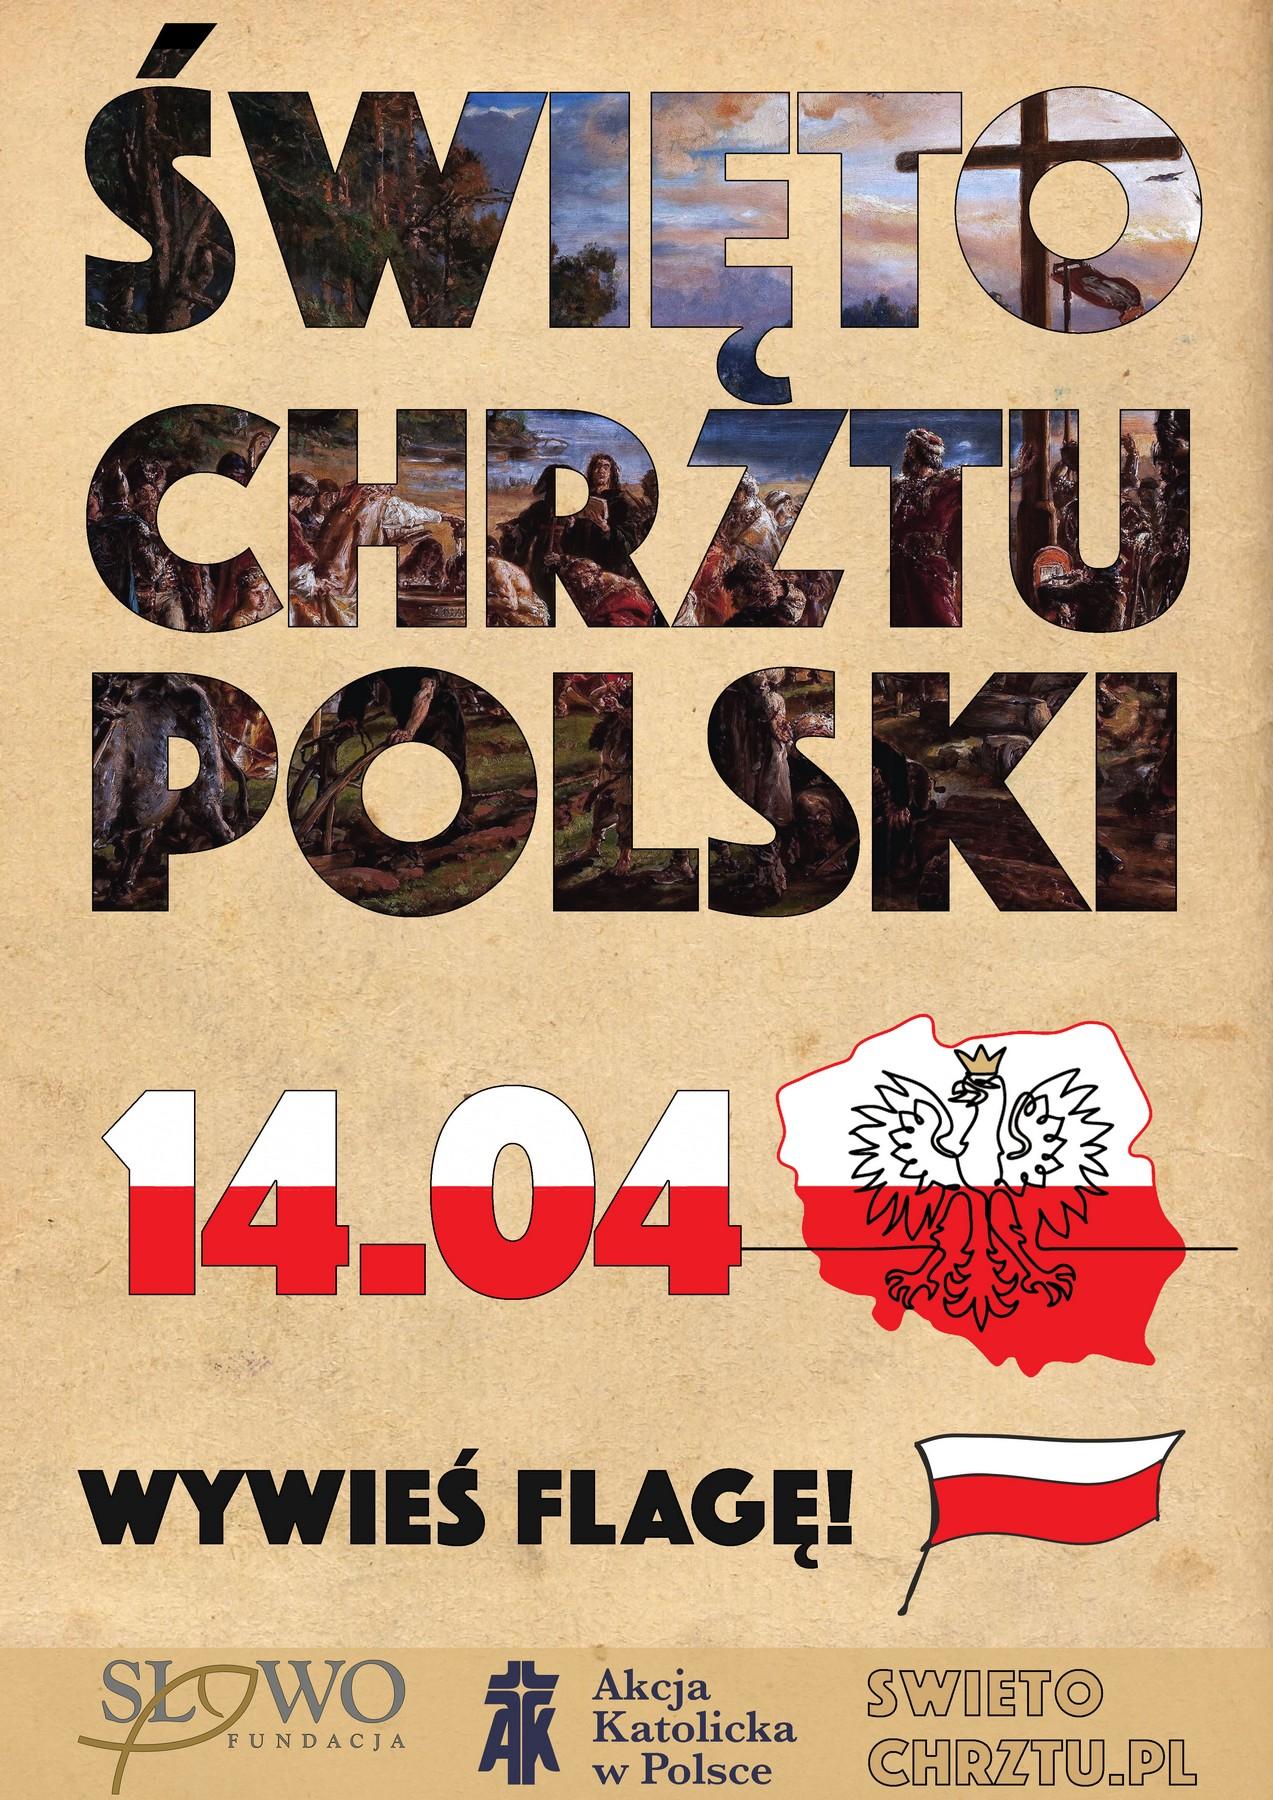 plakat promujący święto chrztu polski, wywieś falgę